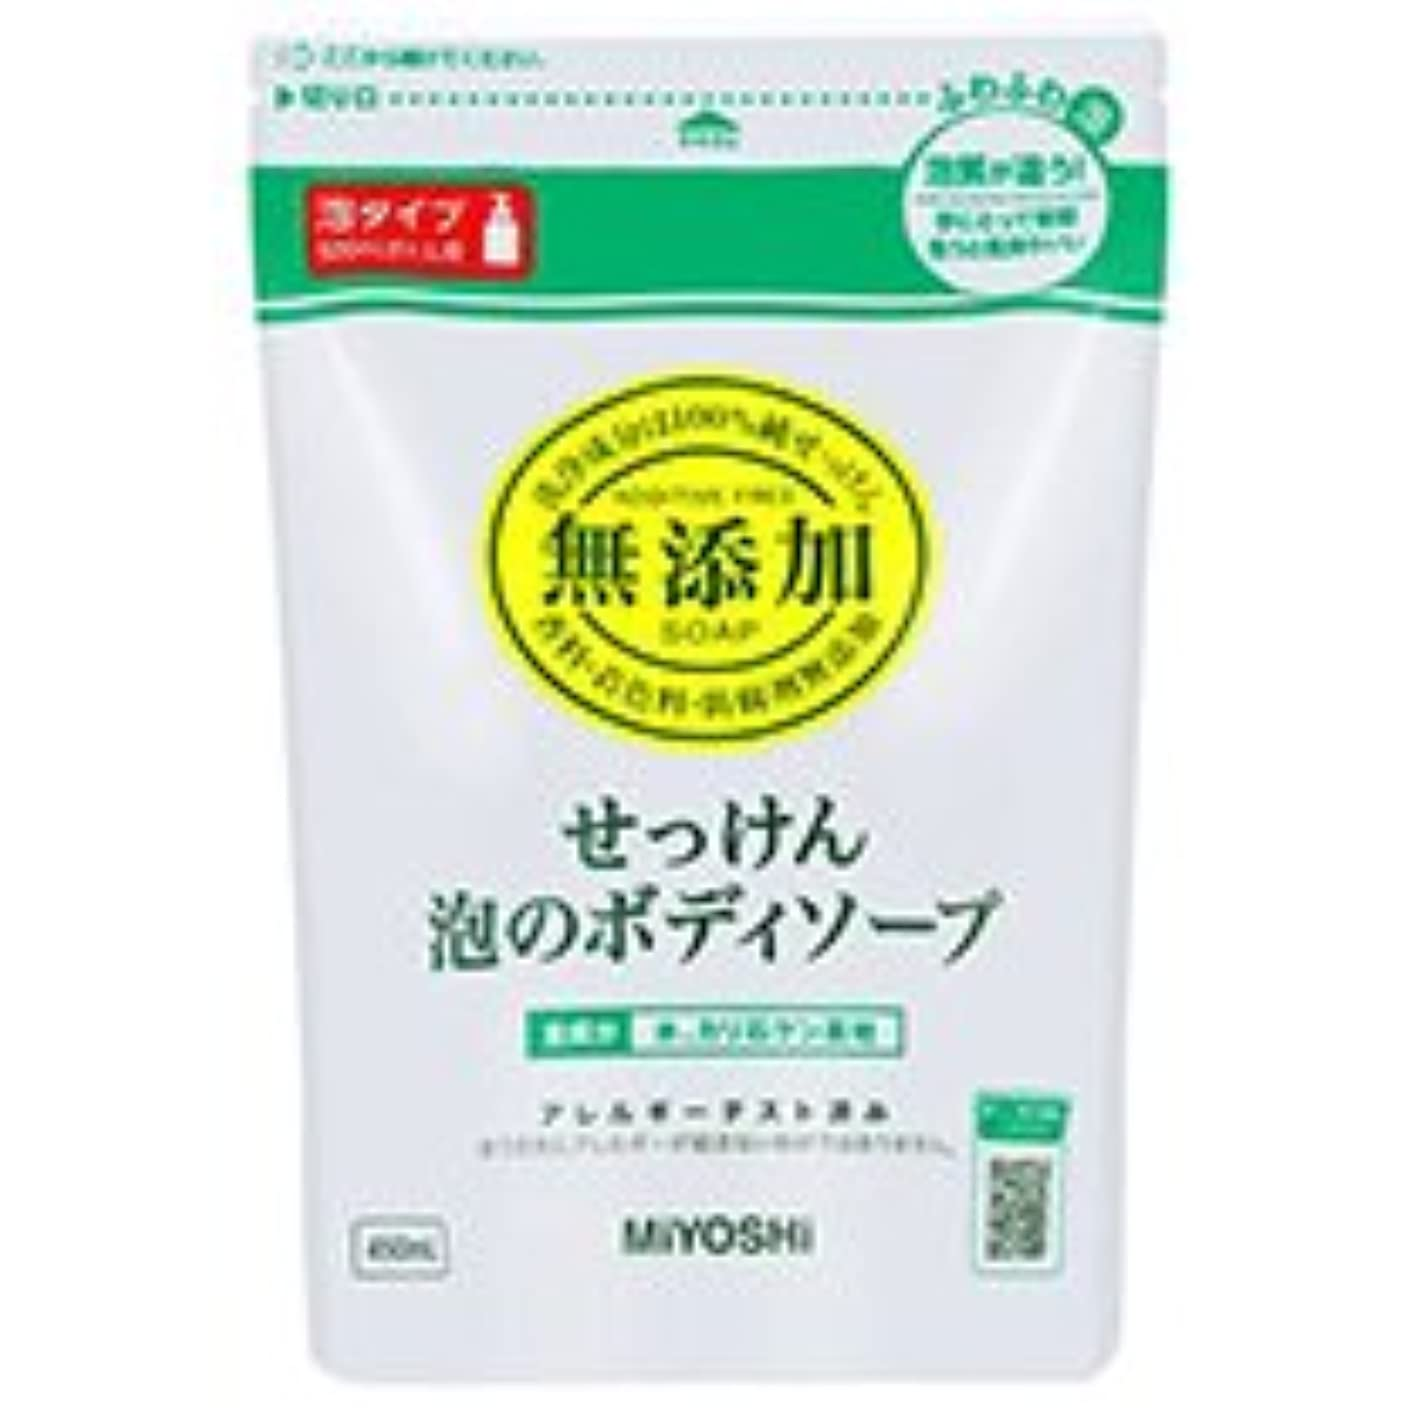 窓を洗うモルヒネ車両ミヨシ石鹸 無添加せっけん 泡のボディソープ 詰替用 450ml 1個